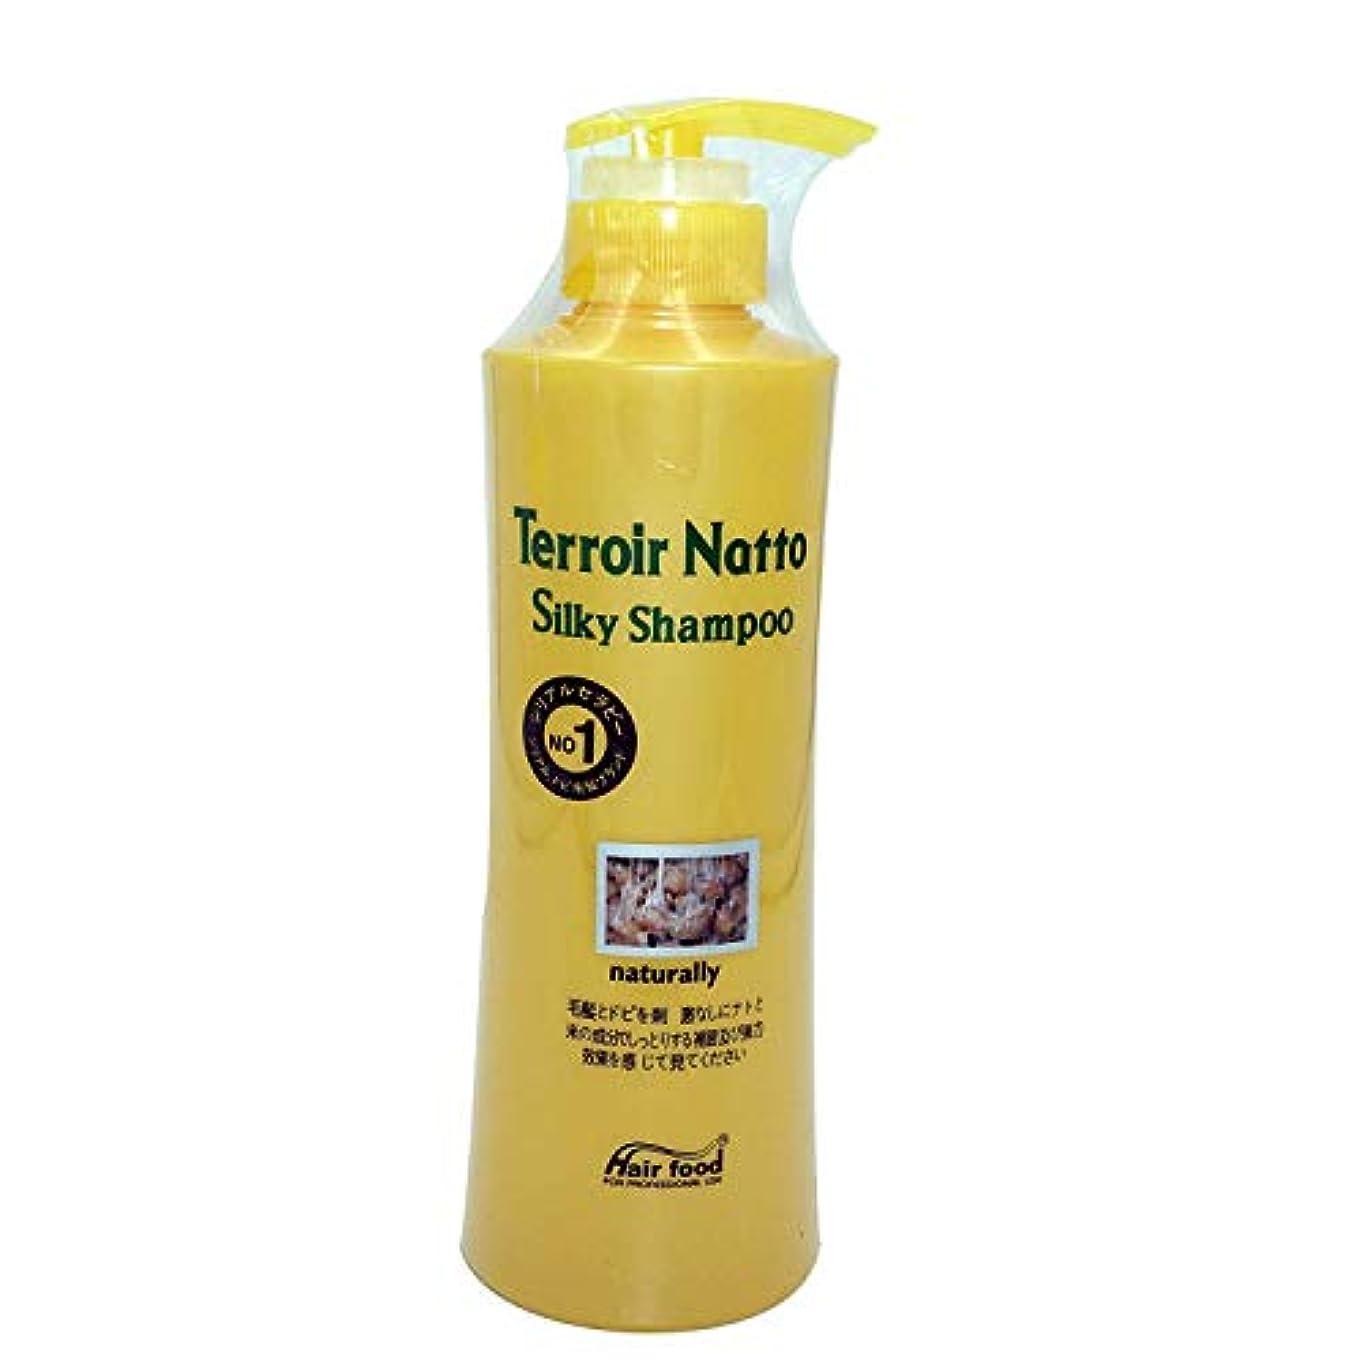 遺体安置所ネズミ信条Hair food テロワール納豆シルキーシャンプー500ml、乾燥薄毛とセンシティブな頭皮用 - ビタミンタンパクによる弾力ヘア (Terroir Natto Silky Shampoo 500ml for Dry Thin...